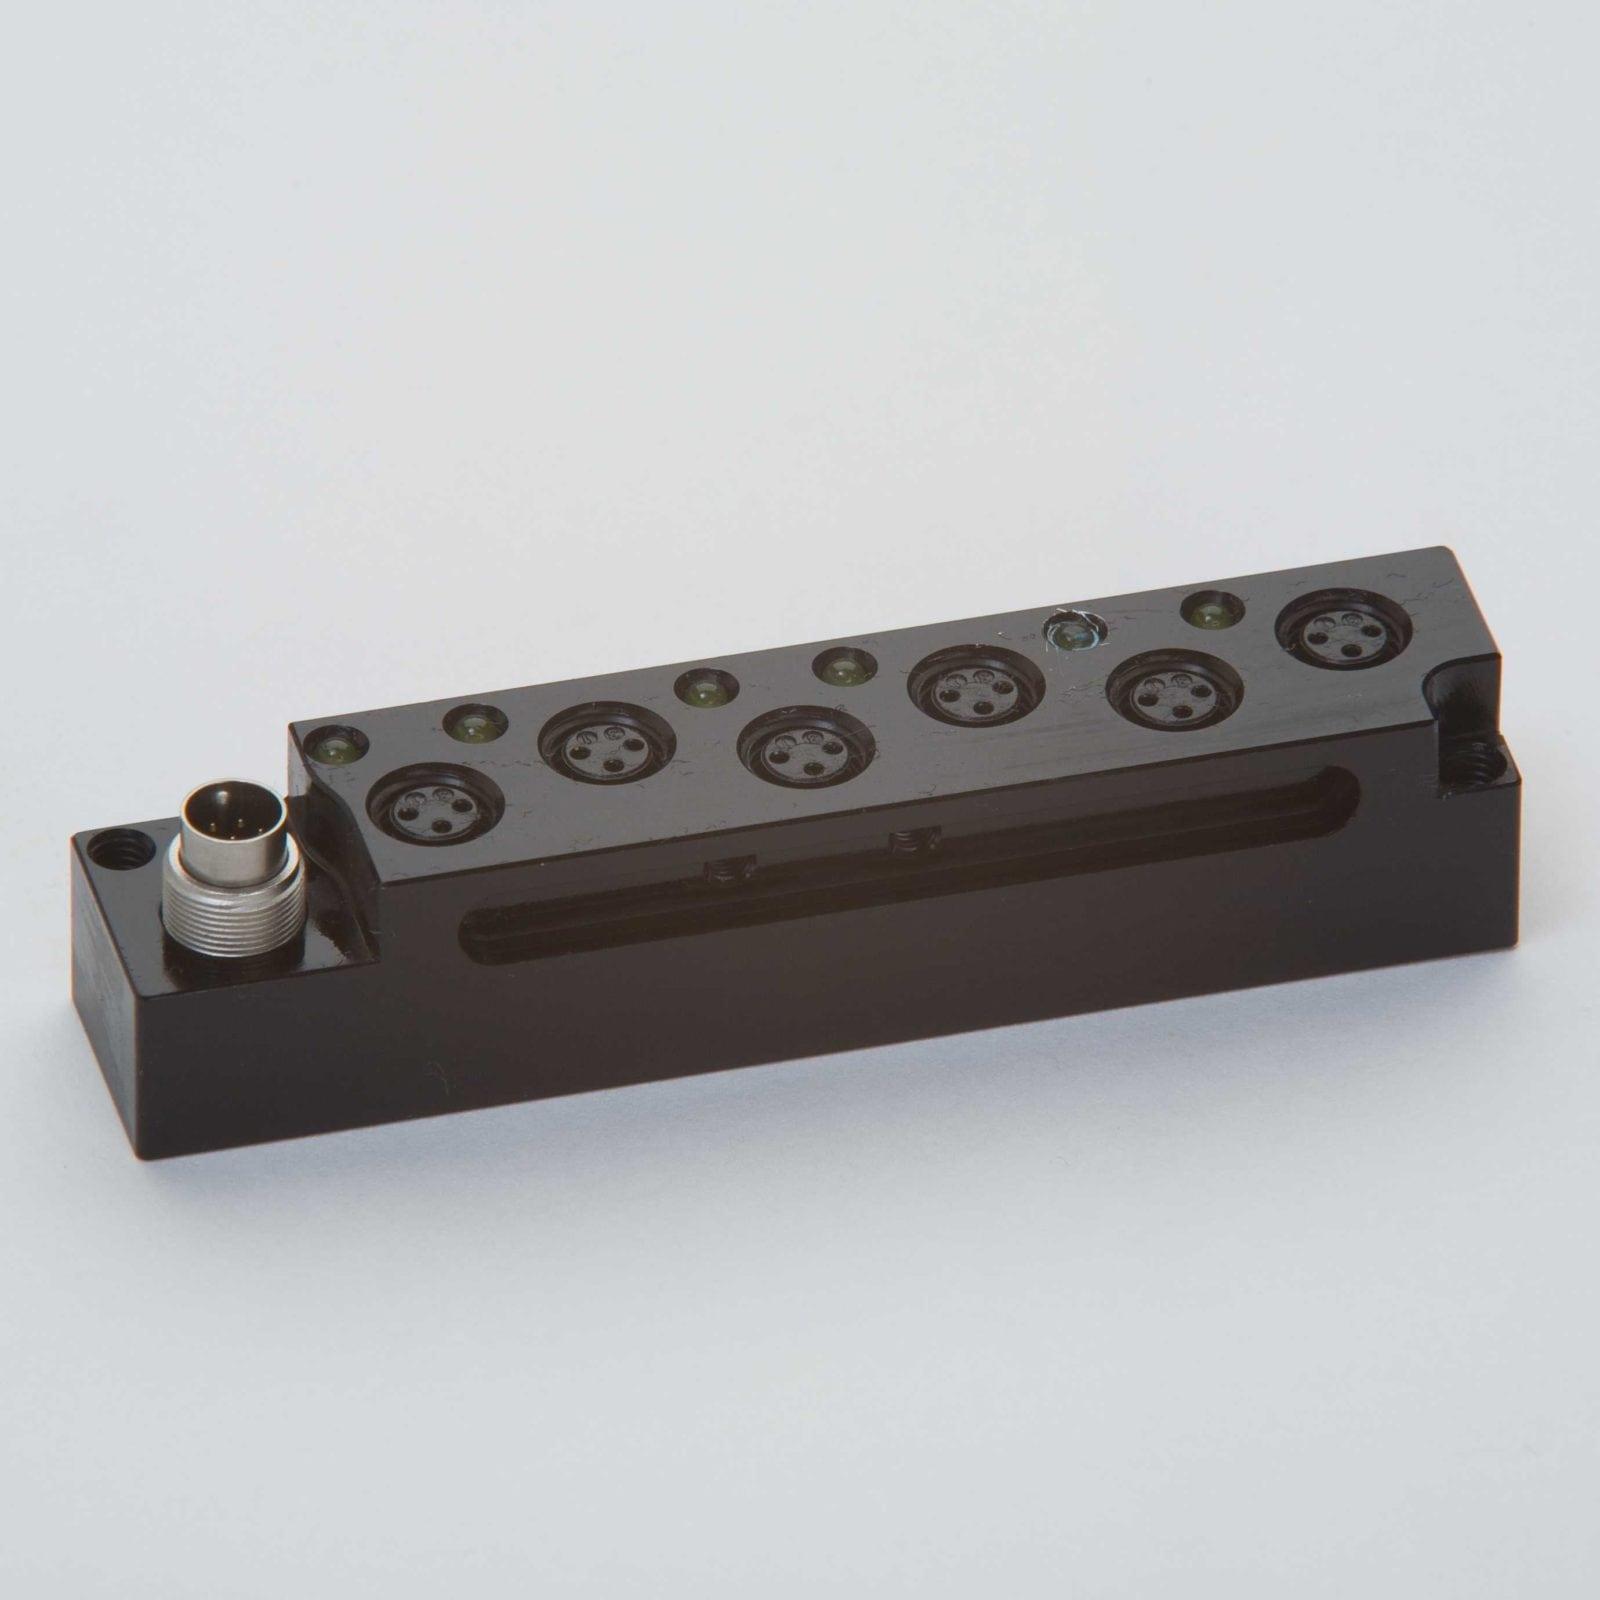 Kompakte passive Stecker-Leisten reduzieren Verkabelungsaufwand